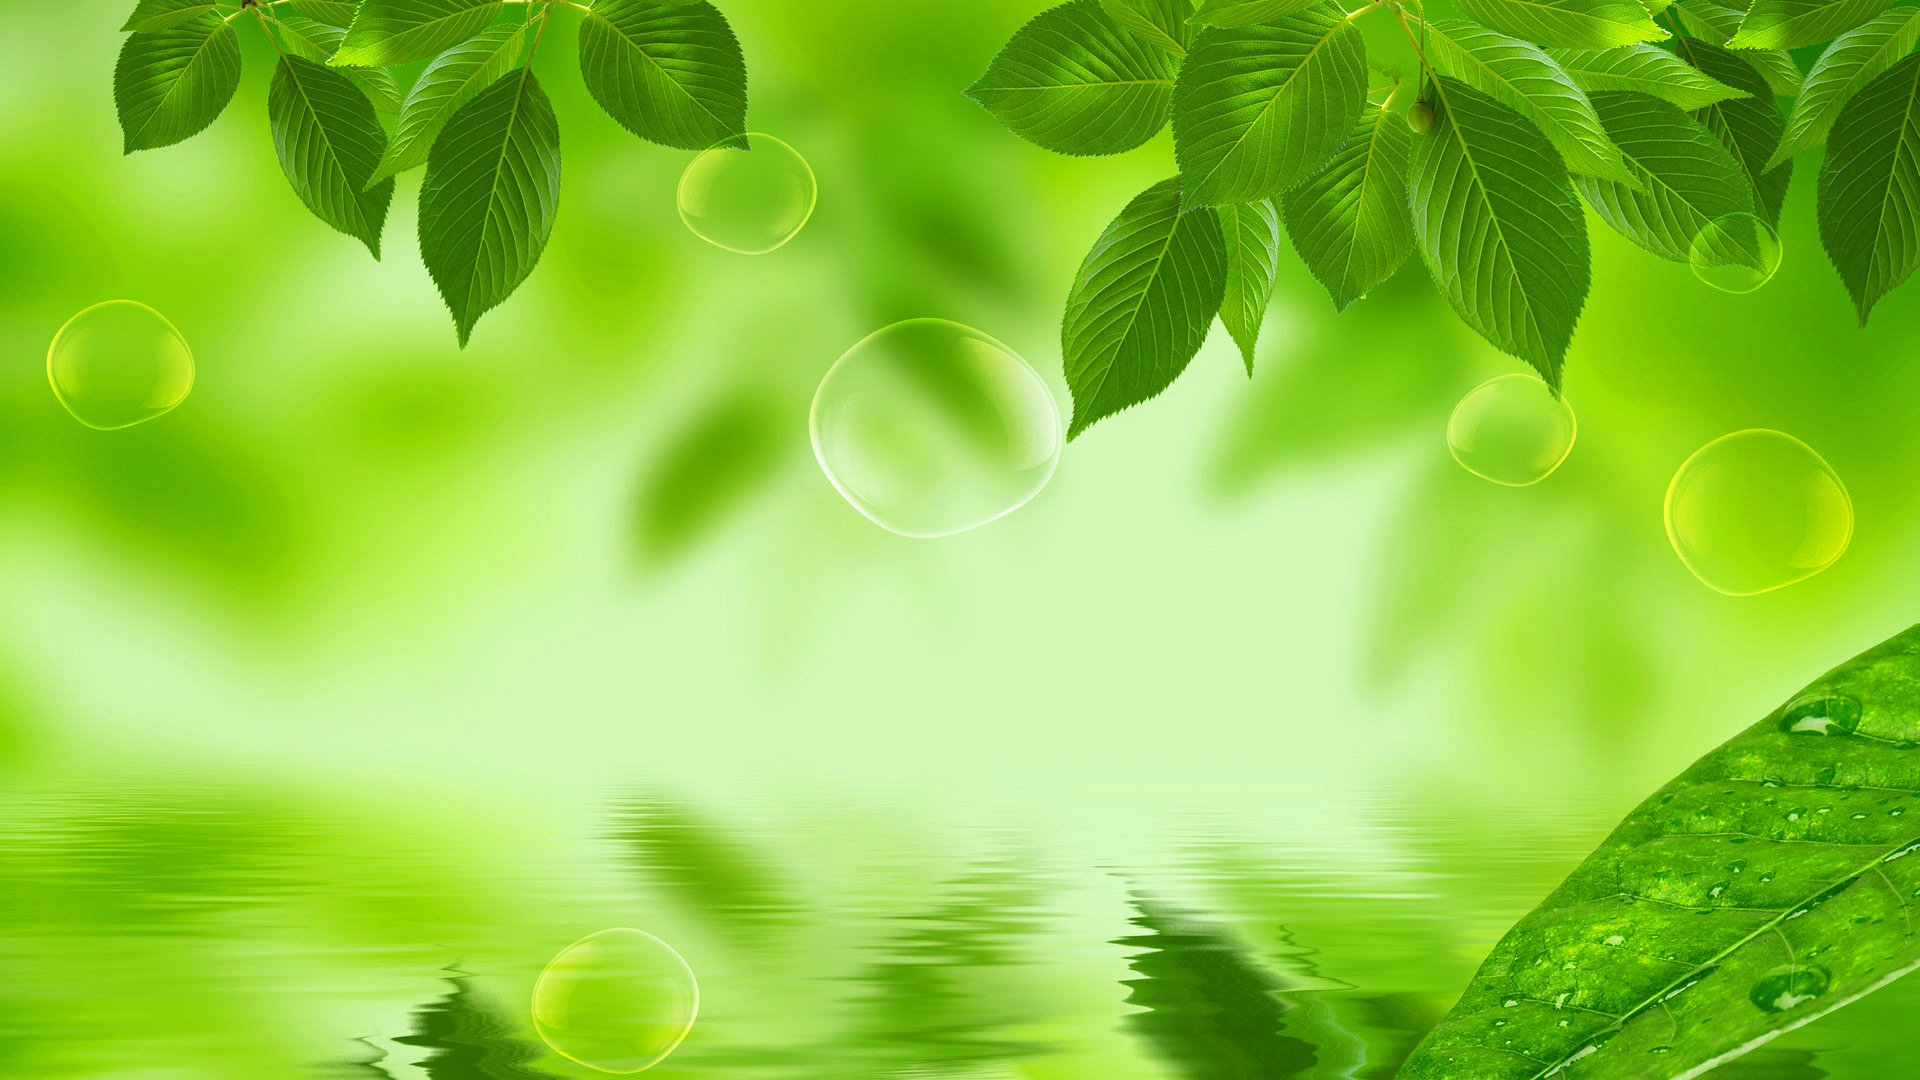 Ельня, картинки зеленый фон для презентации